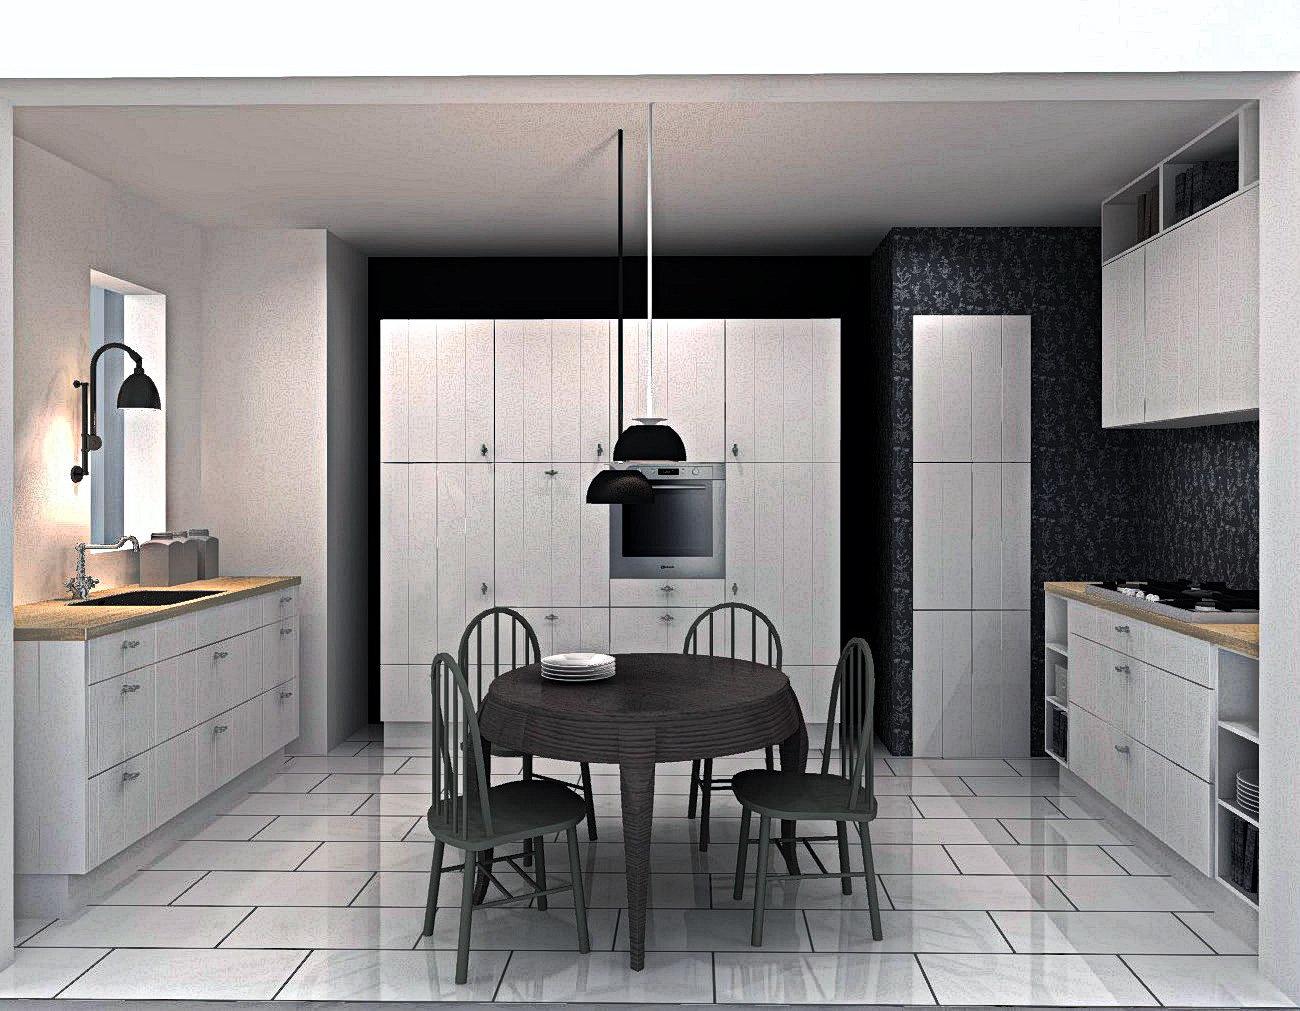 Full Size of Küche U Form Modern Moderne Küche U Form Küche U Form Gebraucht Kaufen Küche U Form Mit Tisch Küche Küche U Form